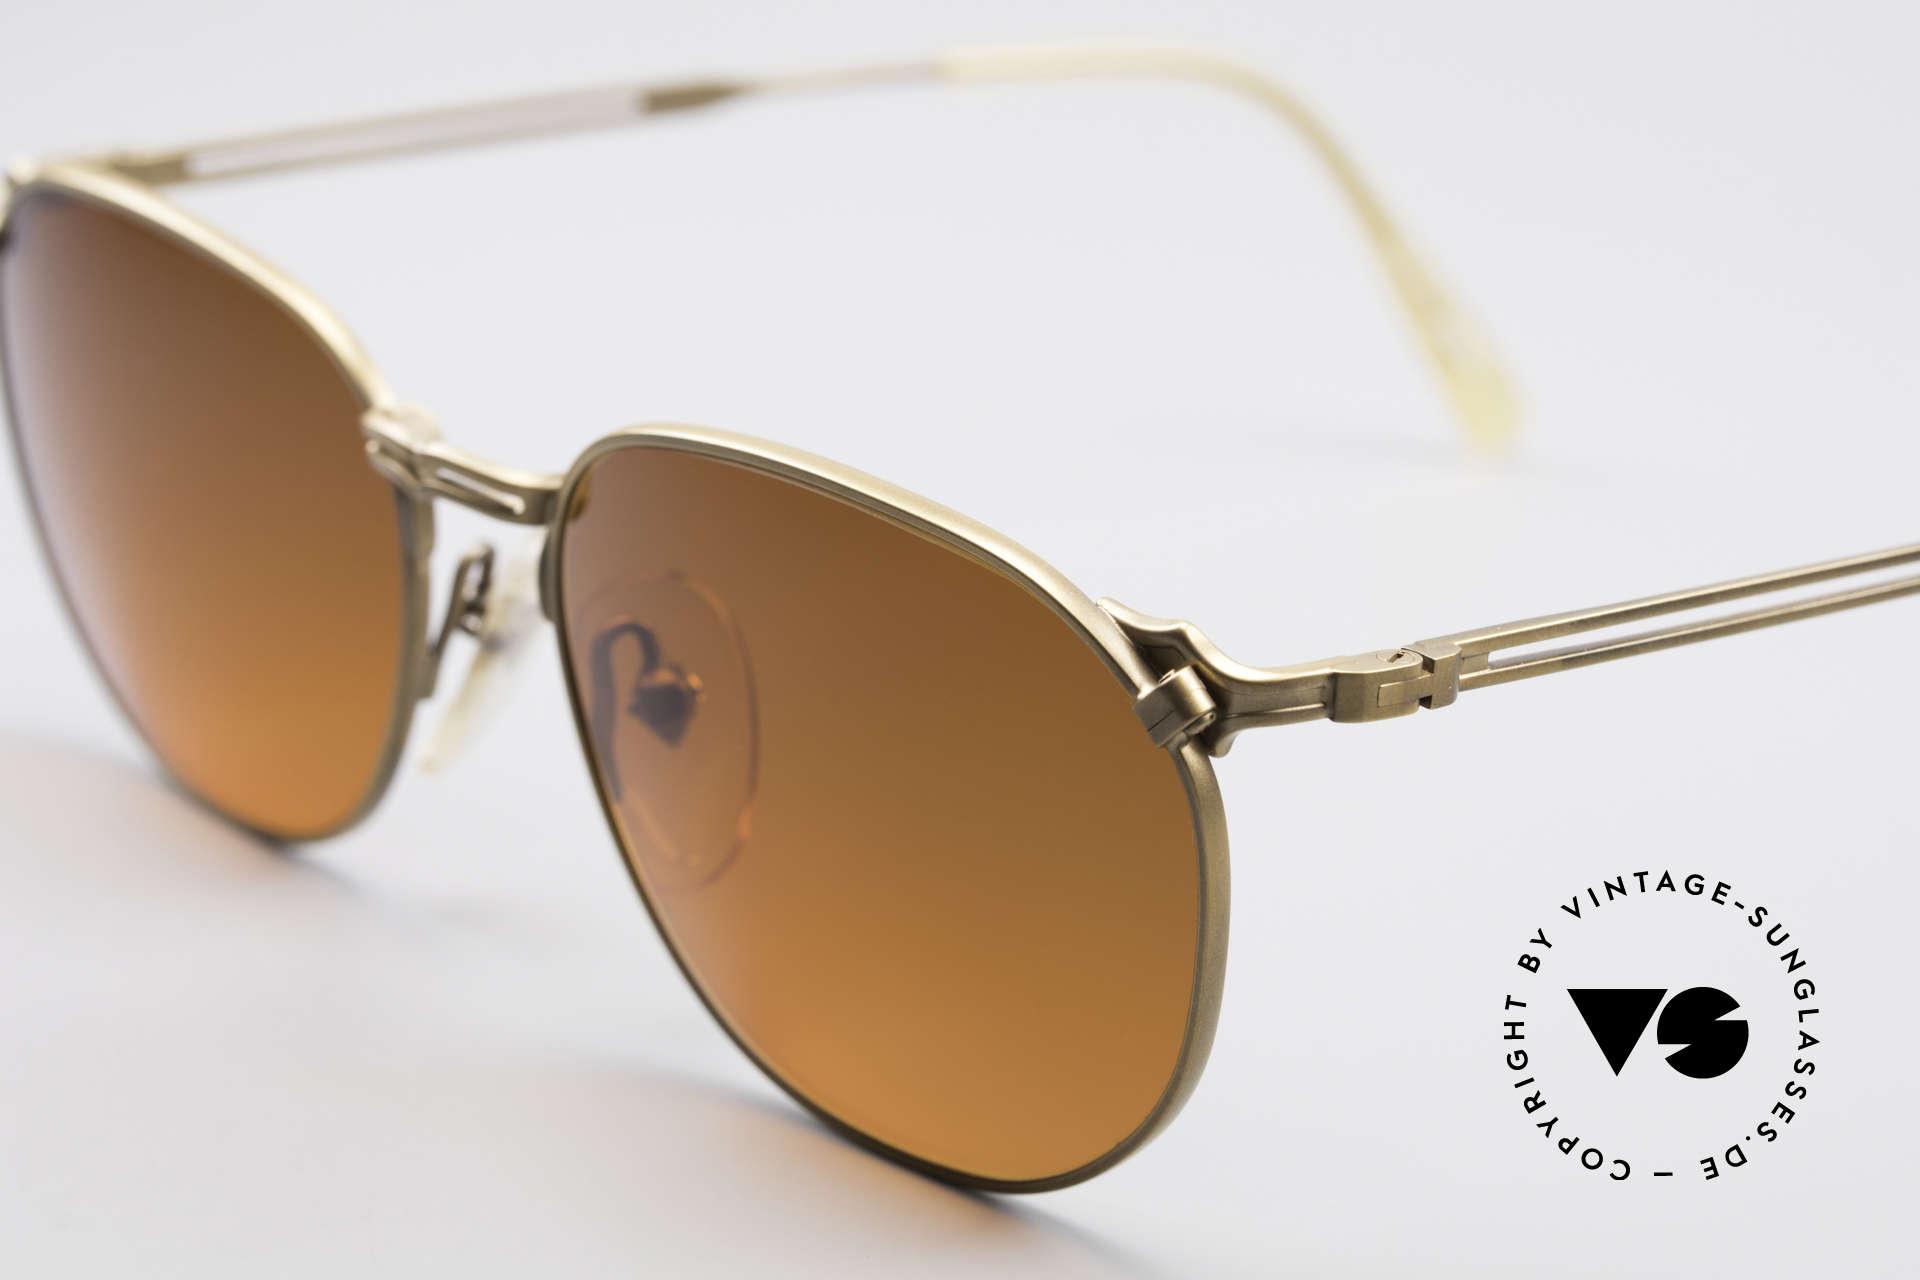 Jean Paul Gaultier 55-2173 90er Designer Sonnenbrille, absolute TOP-Qualität der Materialien & Verarbeitung, Passend für Herren und Damen